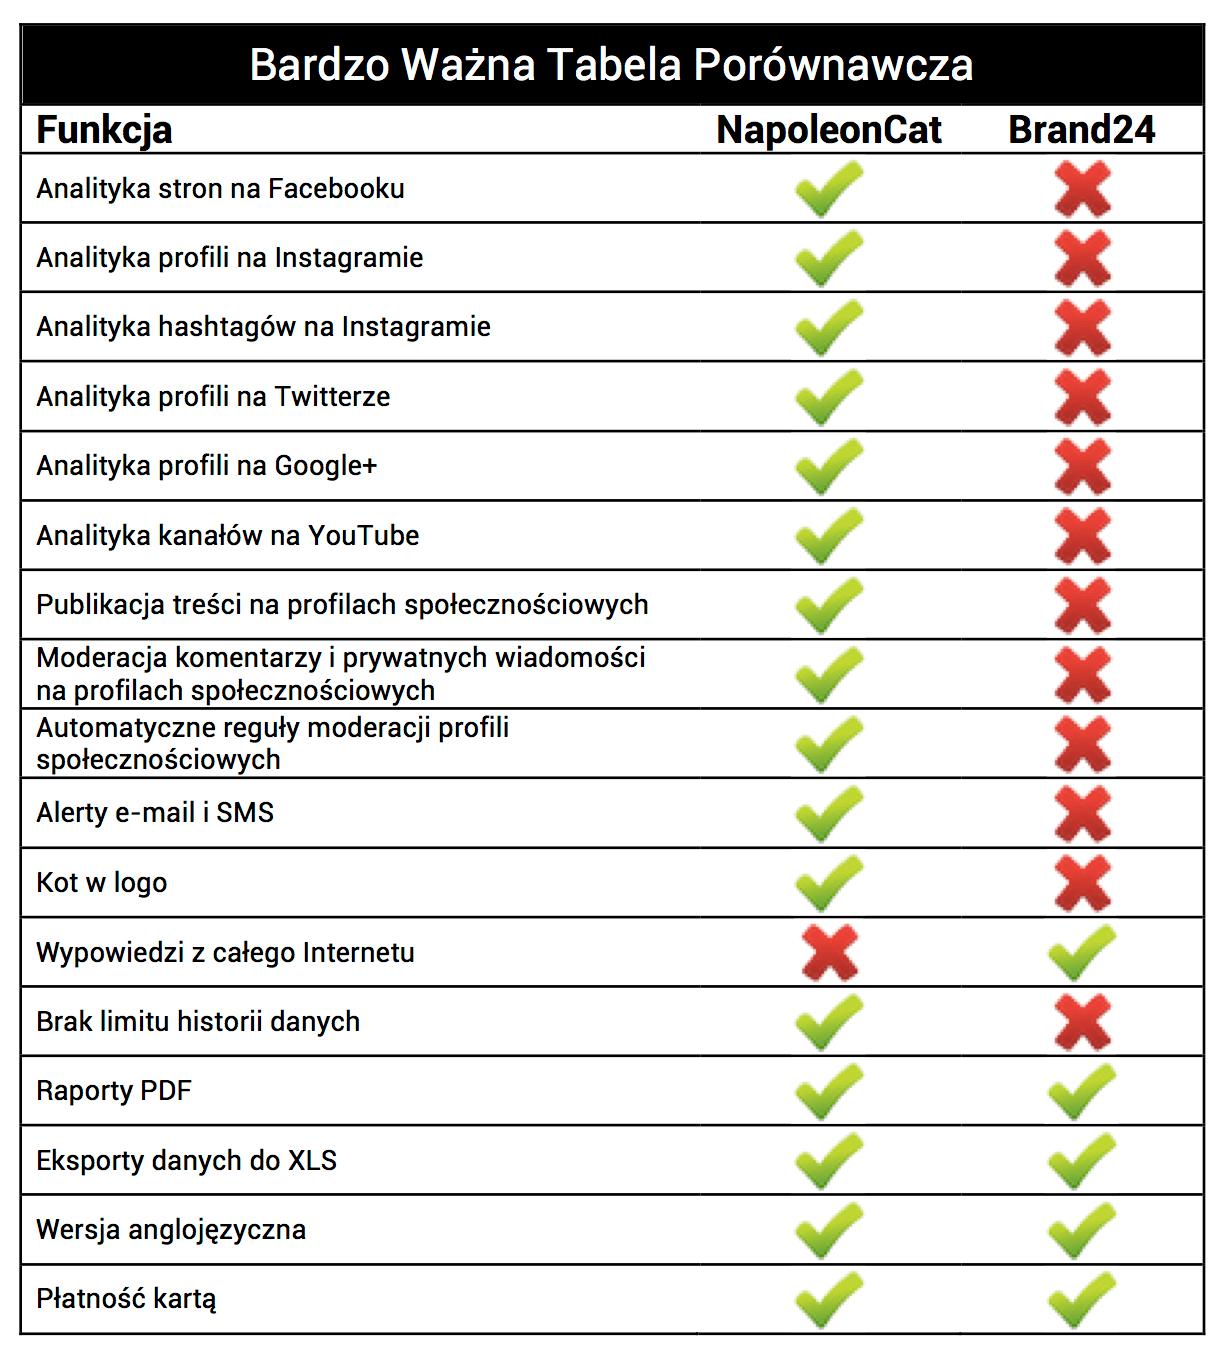 Bardzo Ważna Tabela Porównawcza